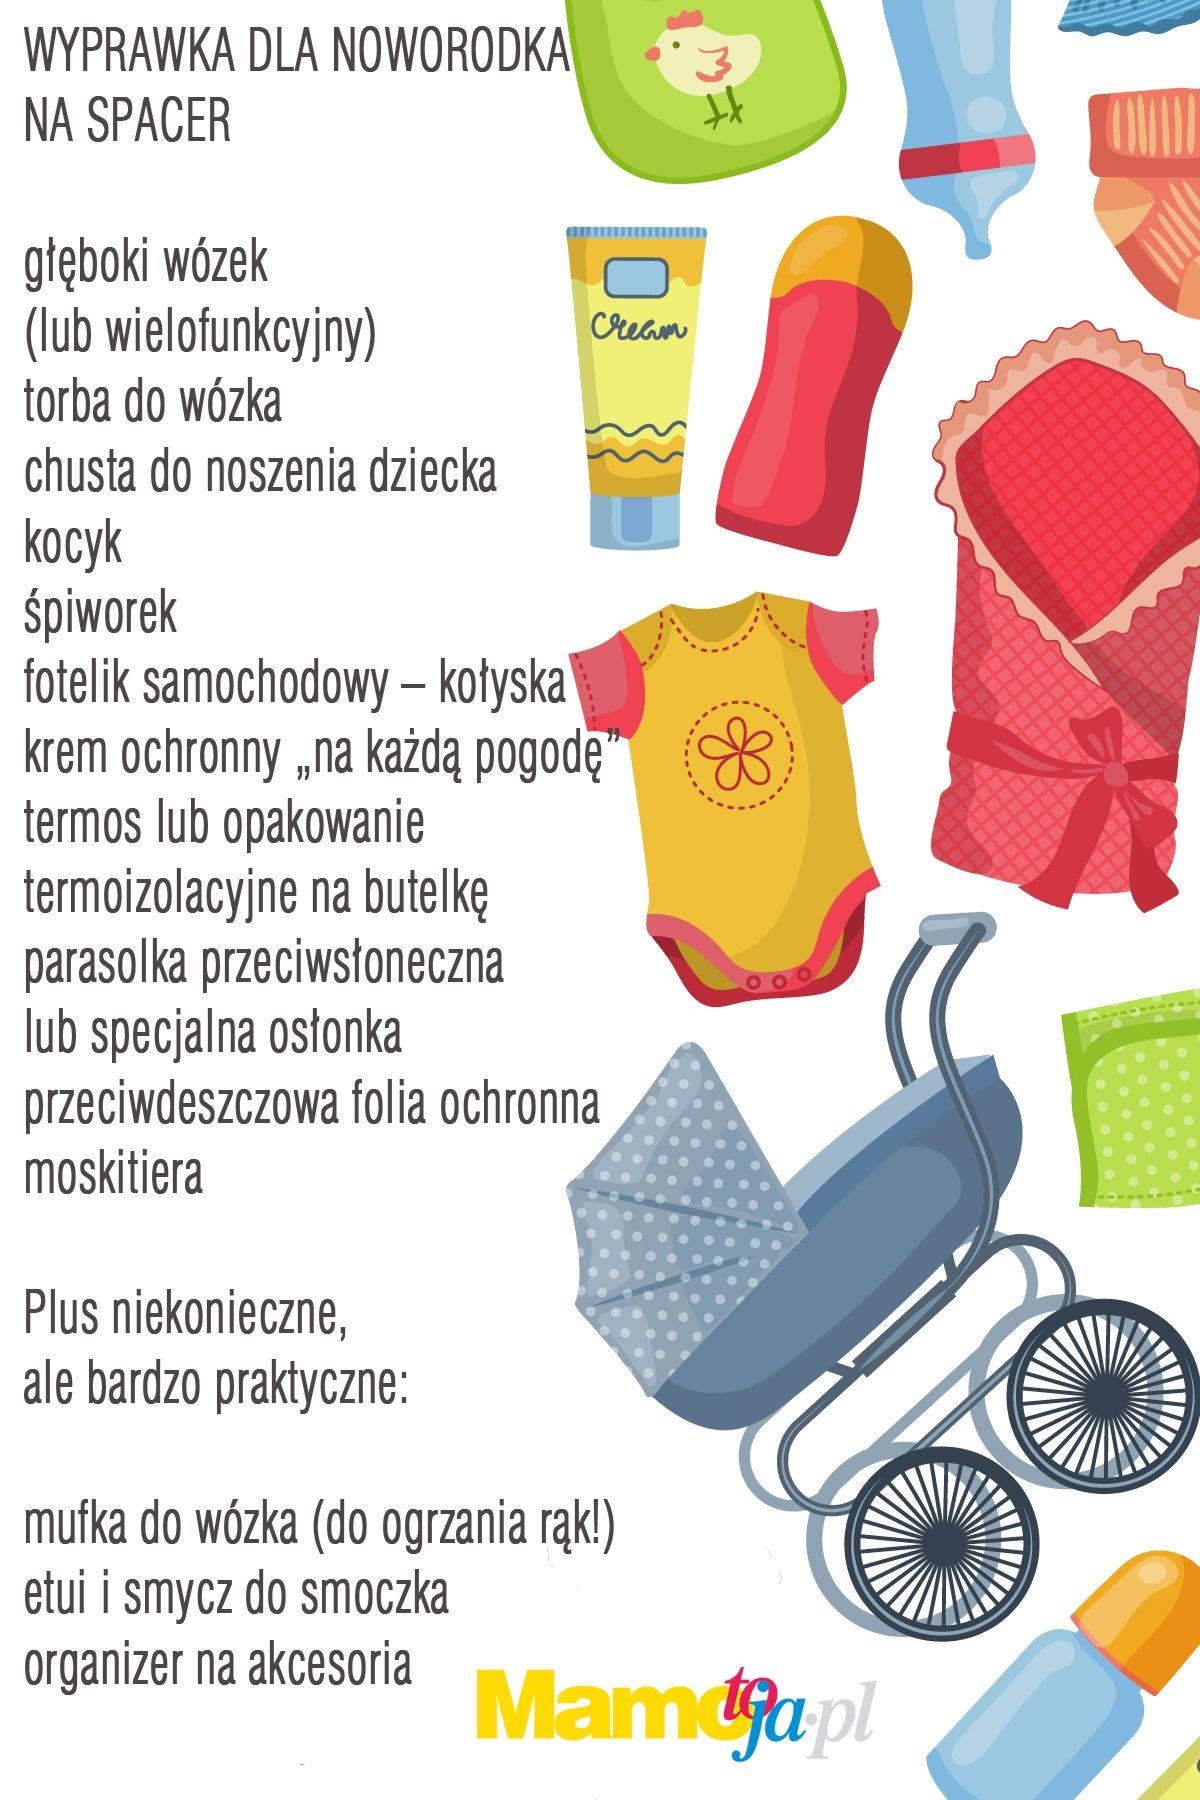 Zaawansowane Wyprawka noworodka: co się przyda na spacer + lista zakupów GN29